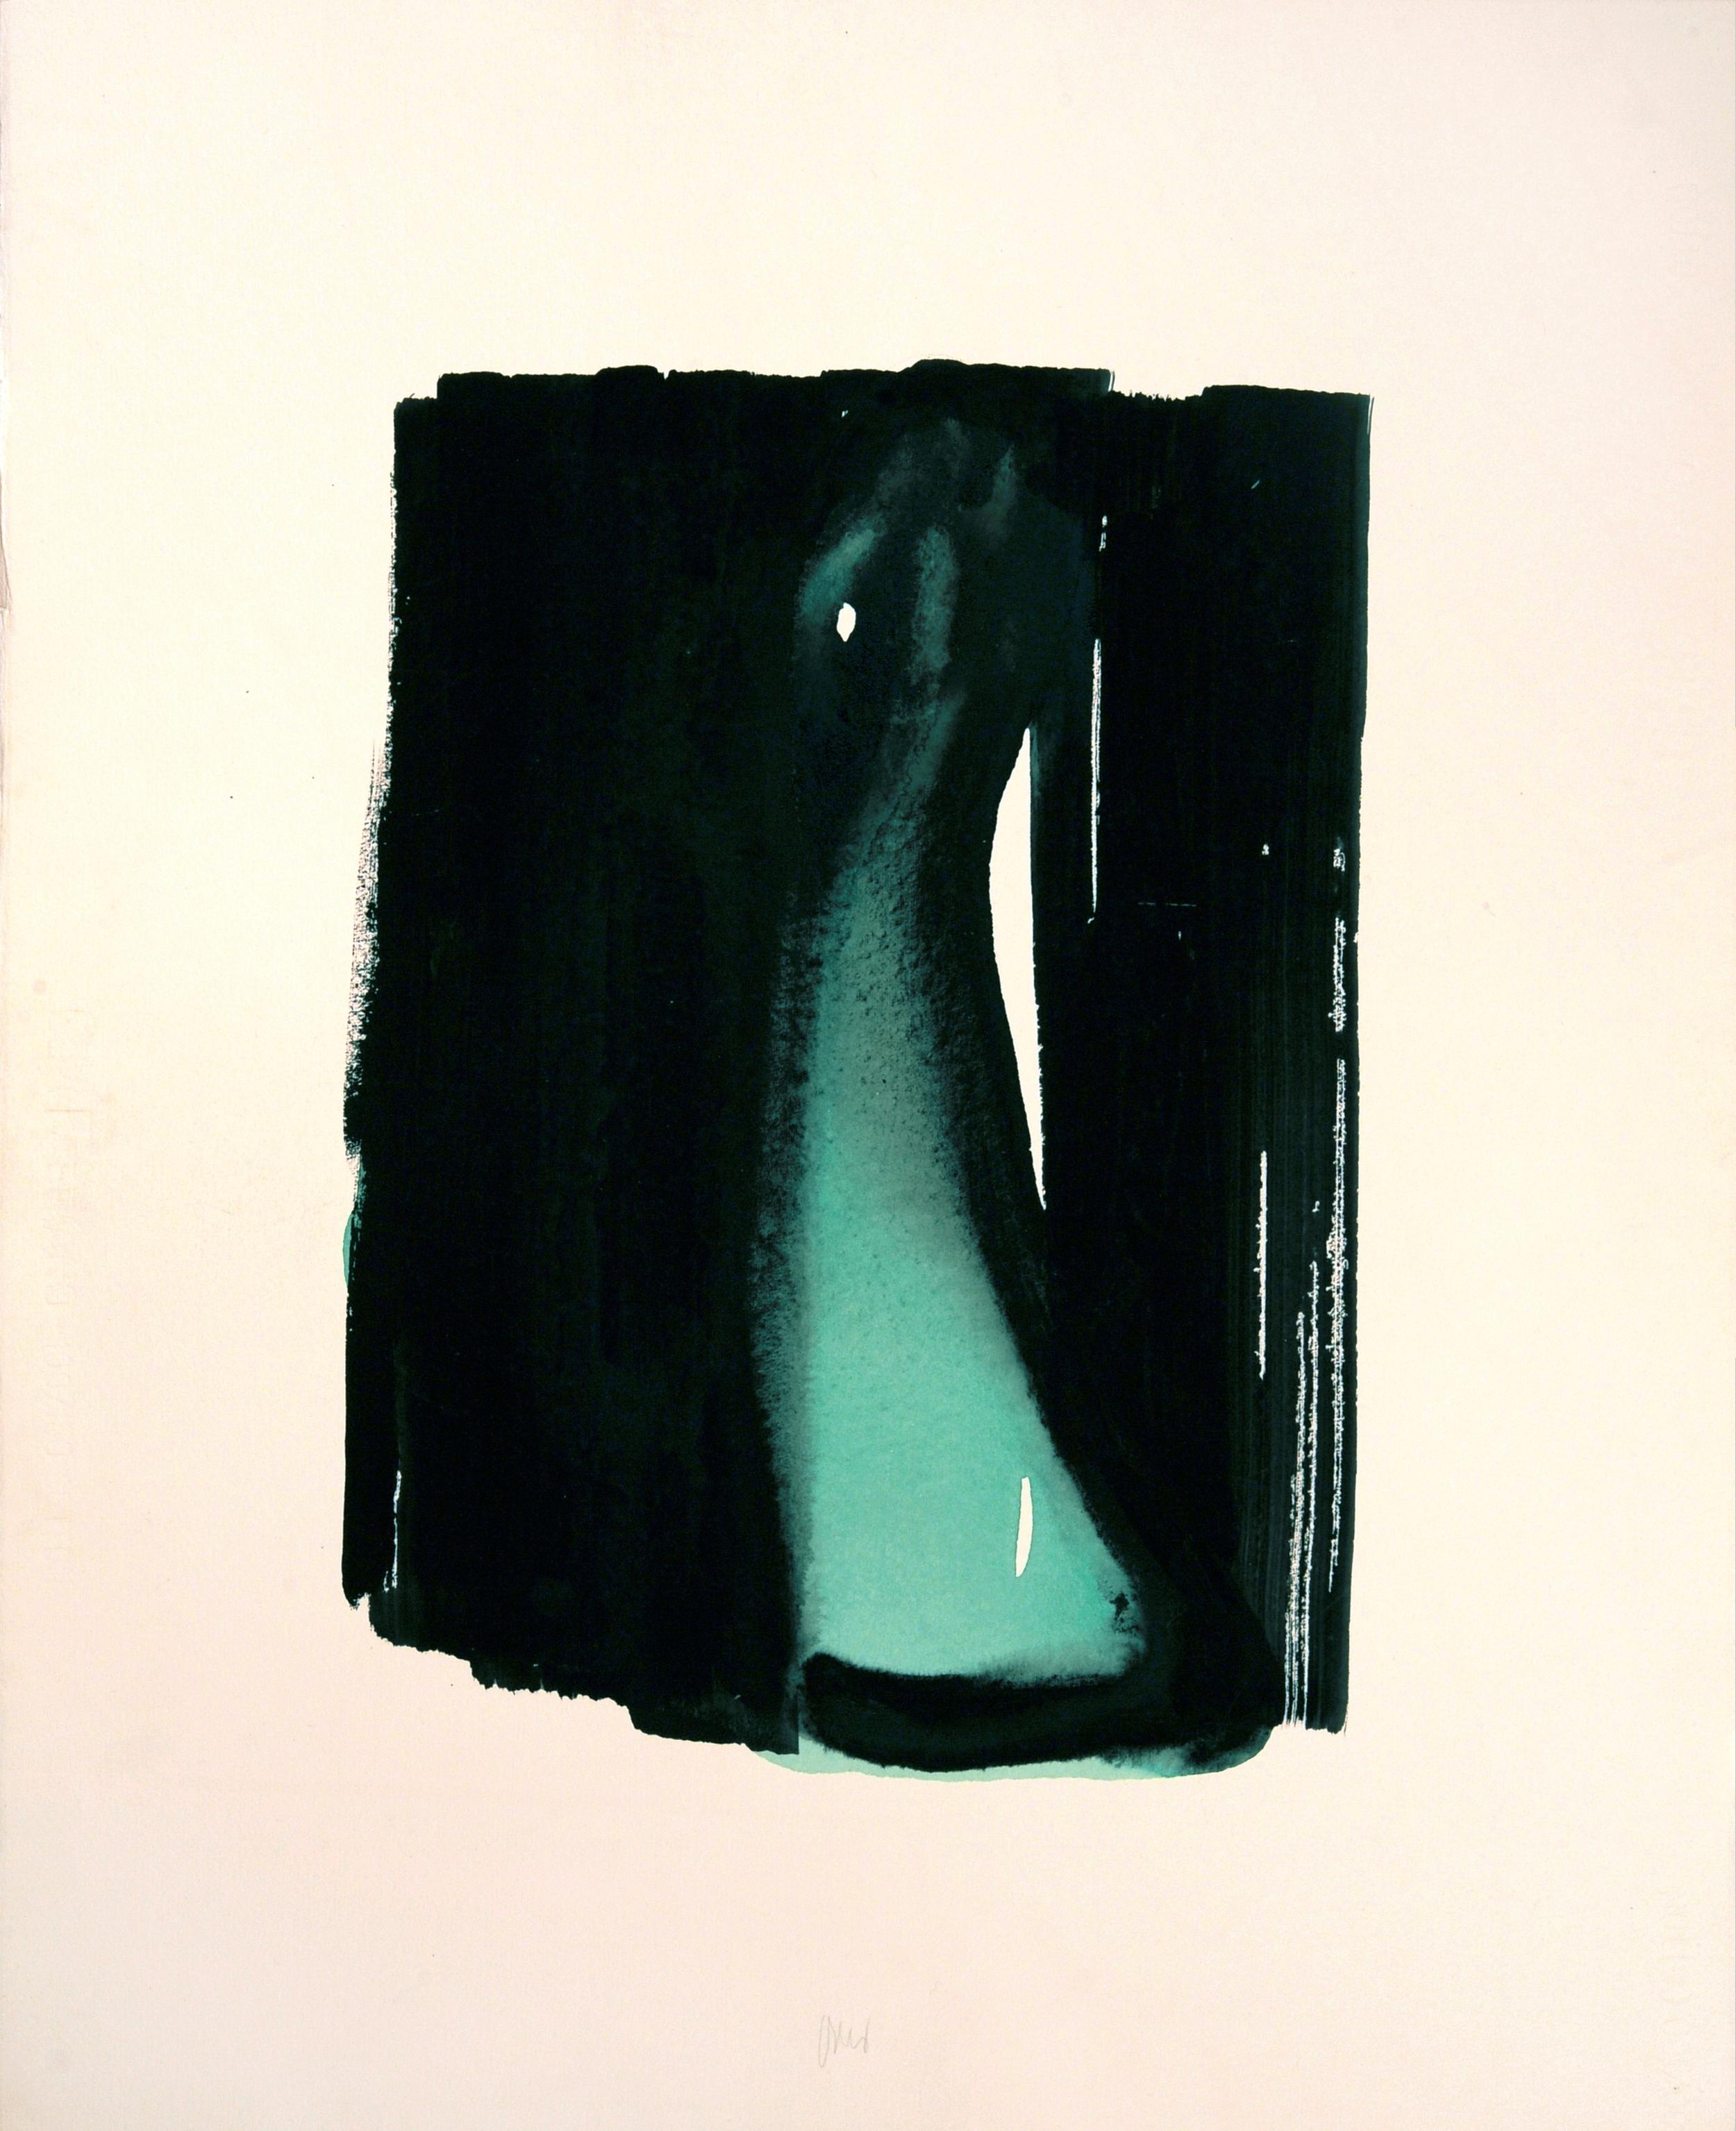 """senza titolo, dalla serie """"13 carte Fabriano"""", 1995, acrilico su carta Fabriano, cm 76 x 57  untitled, from the series """"13 carte Fabriano"""", 1995, acrylic on Fabriano paper,cm 76 x 57"""